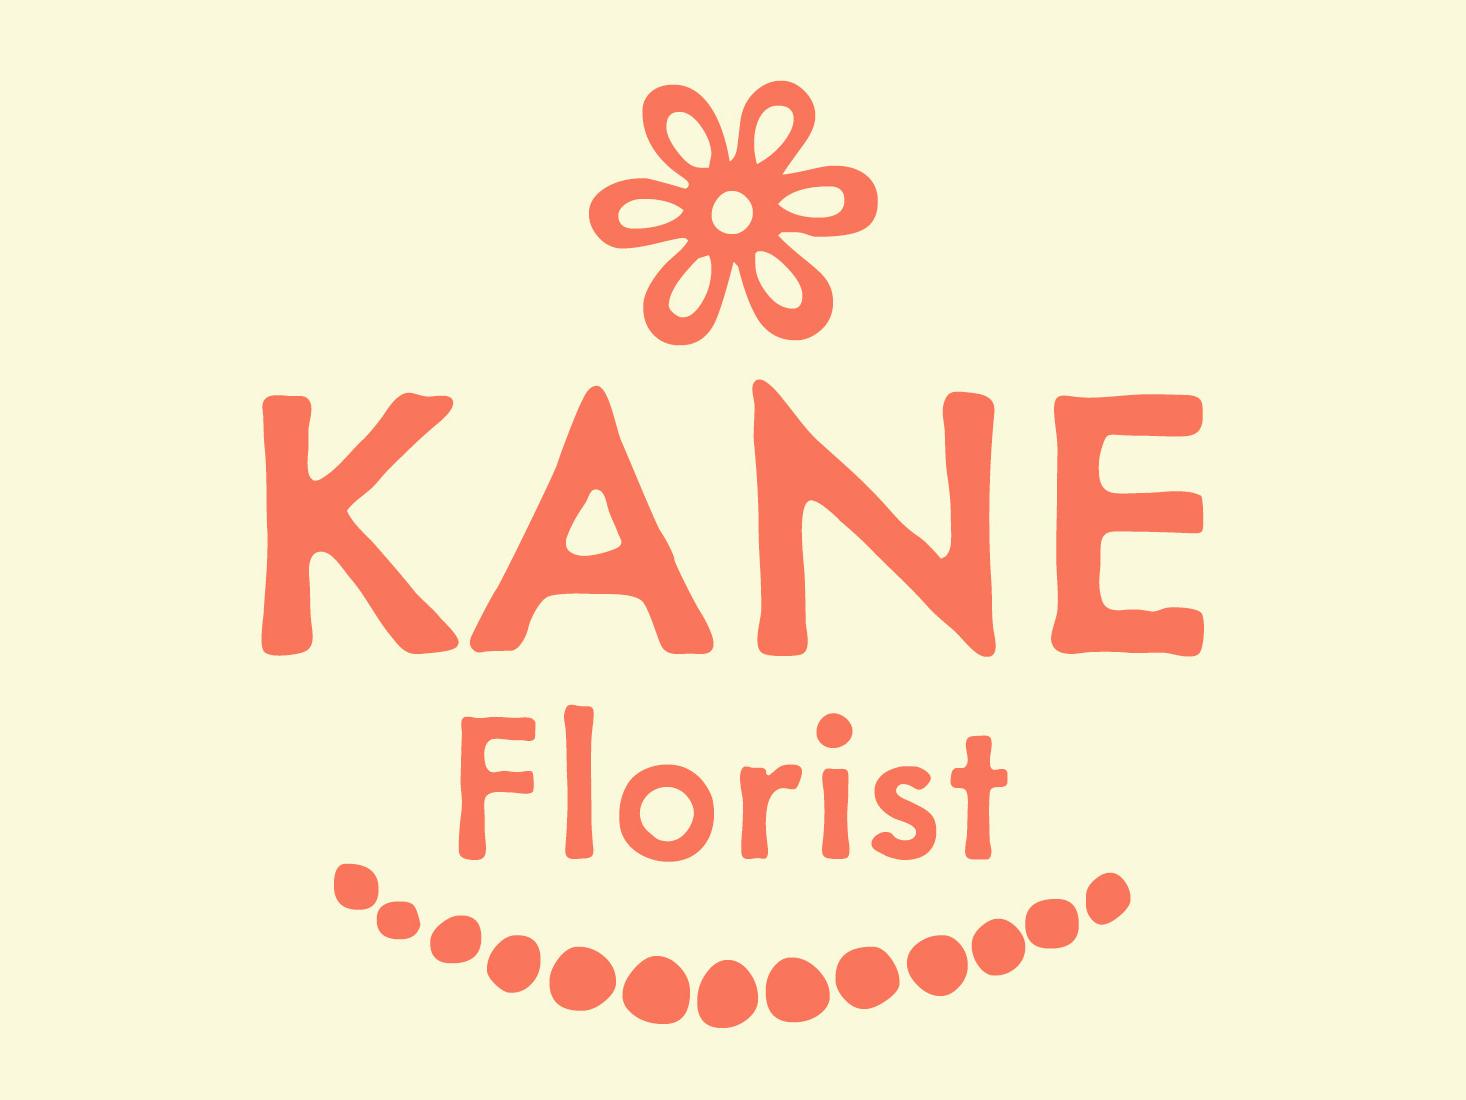 Kane Florist florist dublin yellow flower